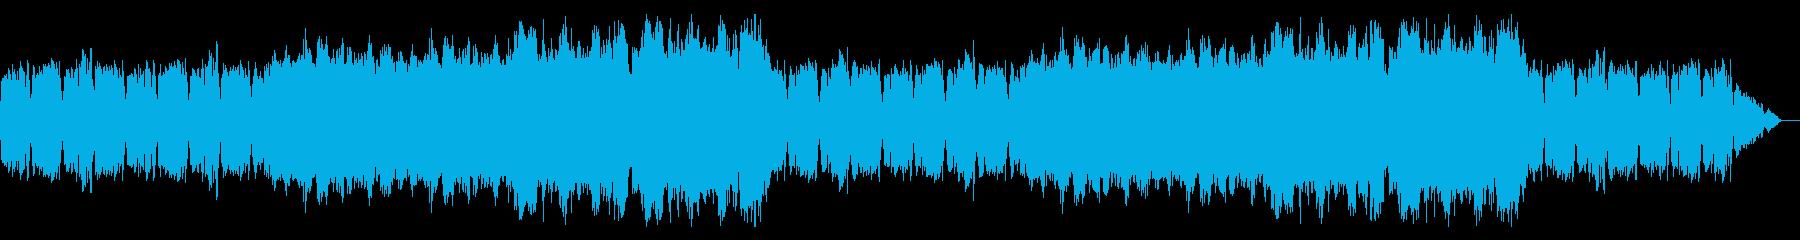 回想中を想起するBGMの再生済みの波形